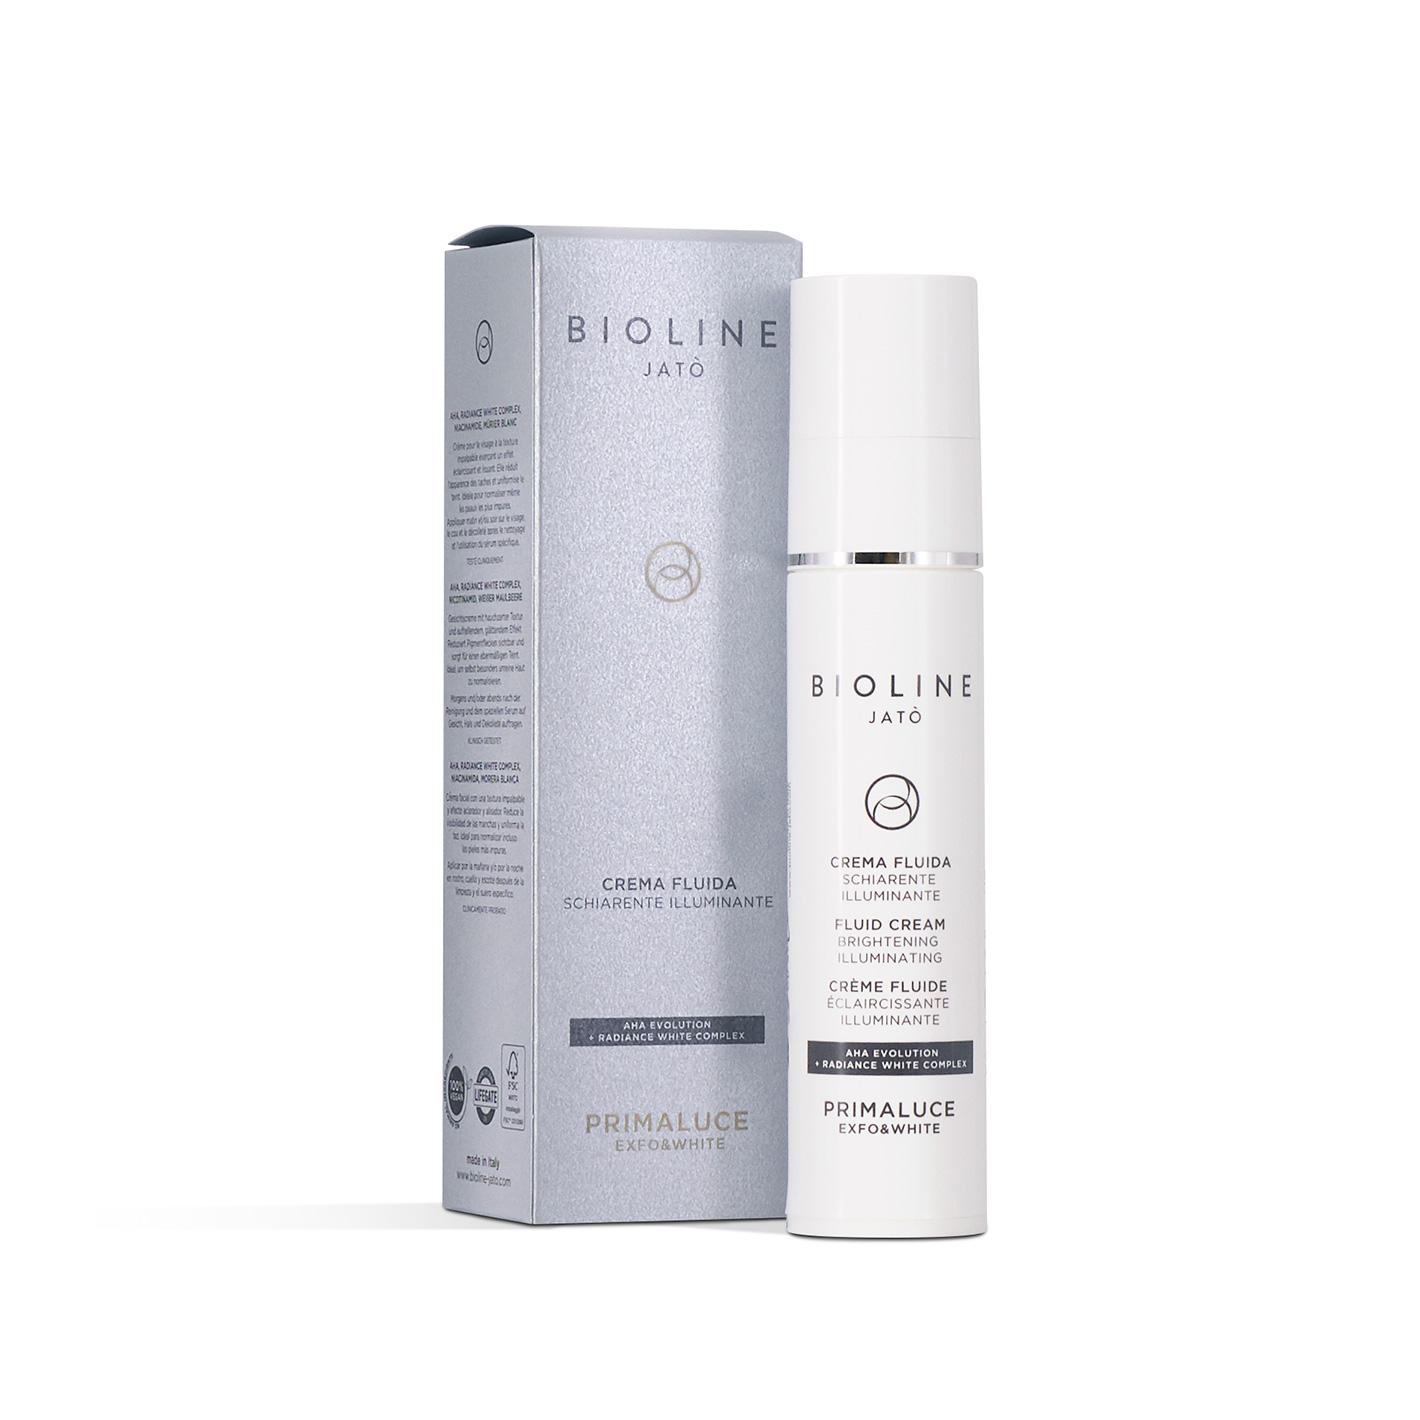 Primaluce Exfo&White - Fluid Cream Brightening Illuminating